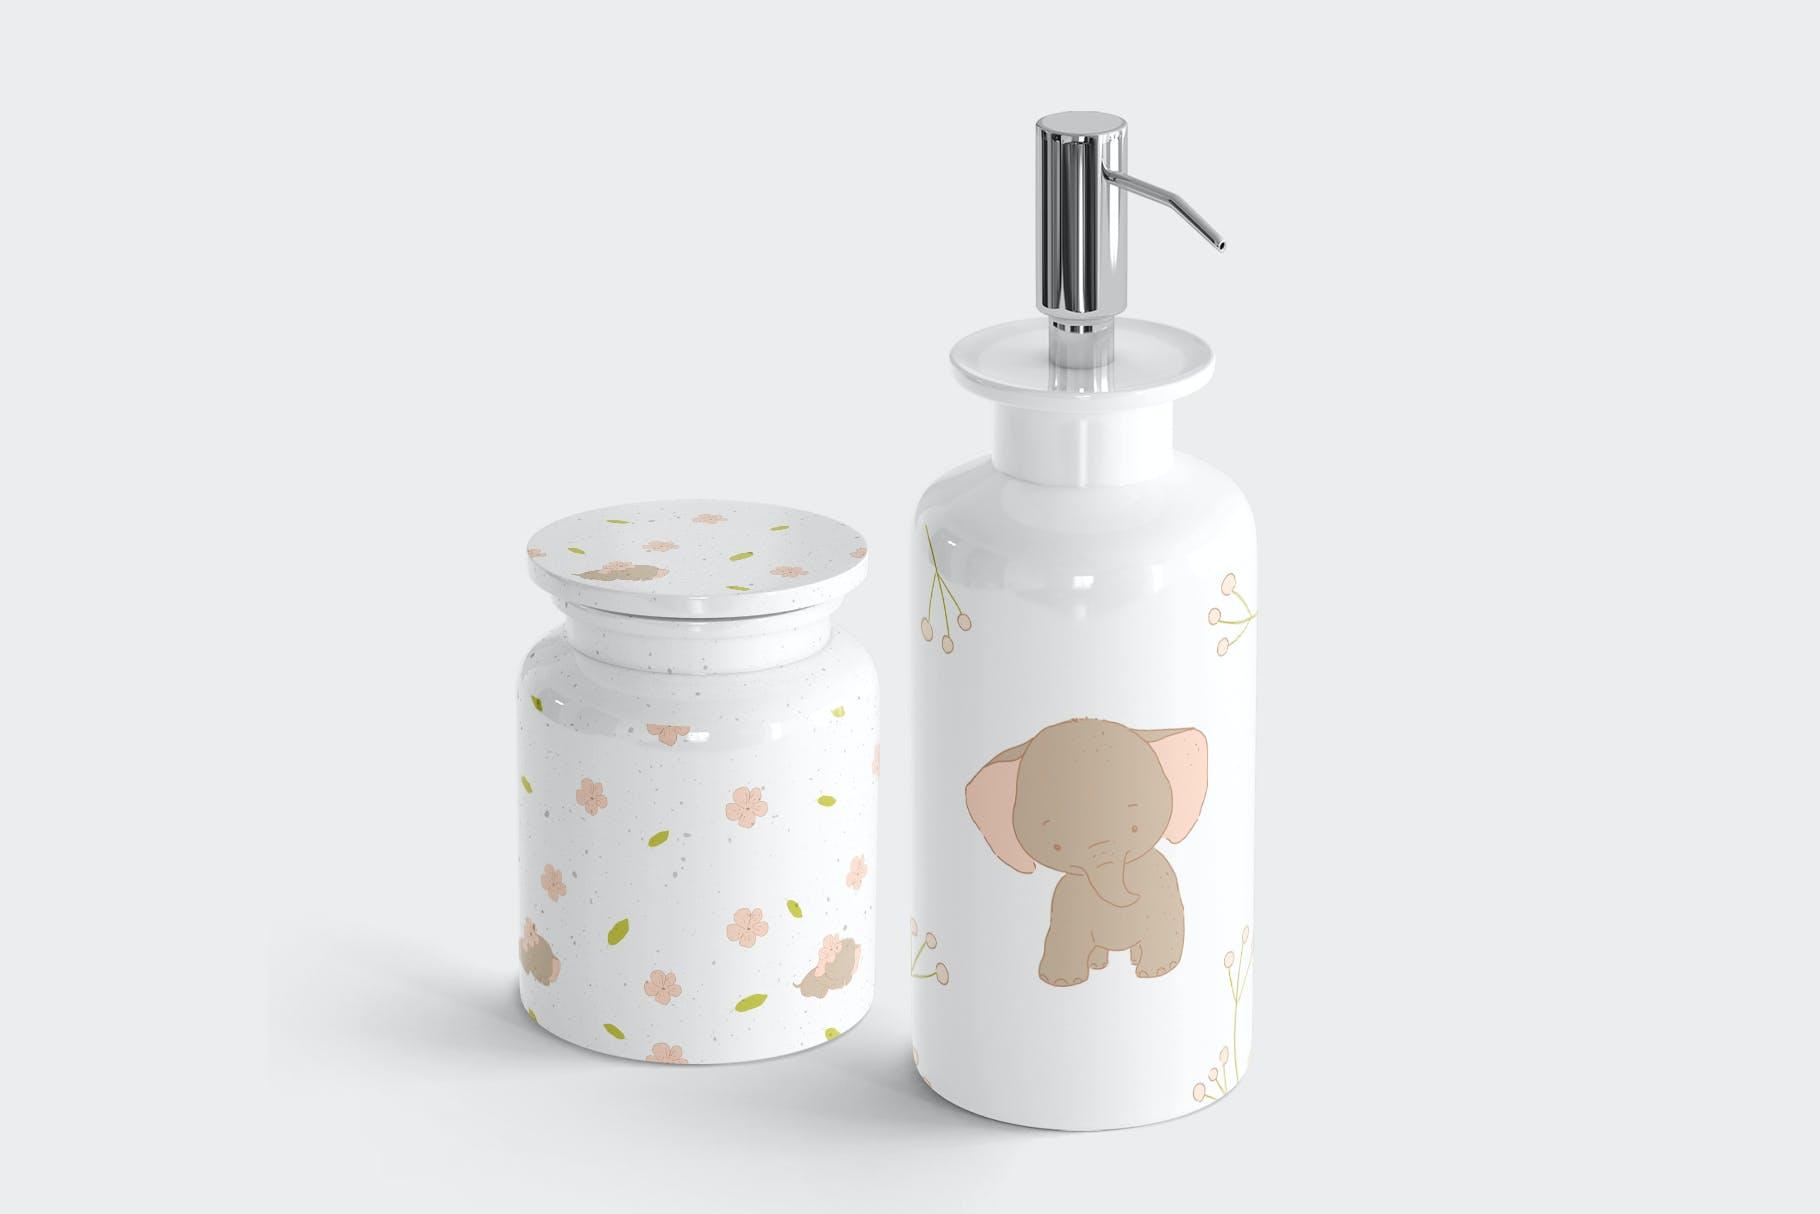 可爱卡通手绘大象花卉插画矢量素材 Baby Shower Elephants插图(5)